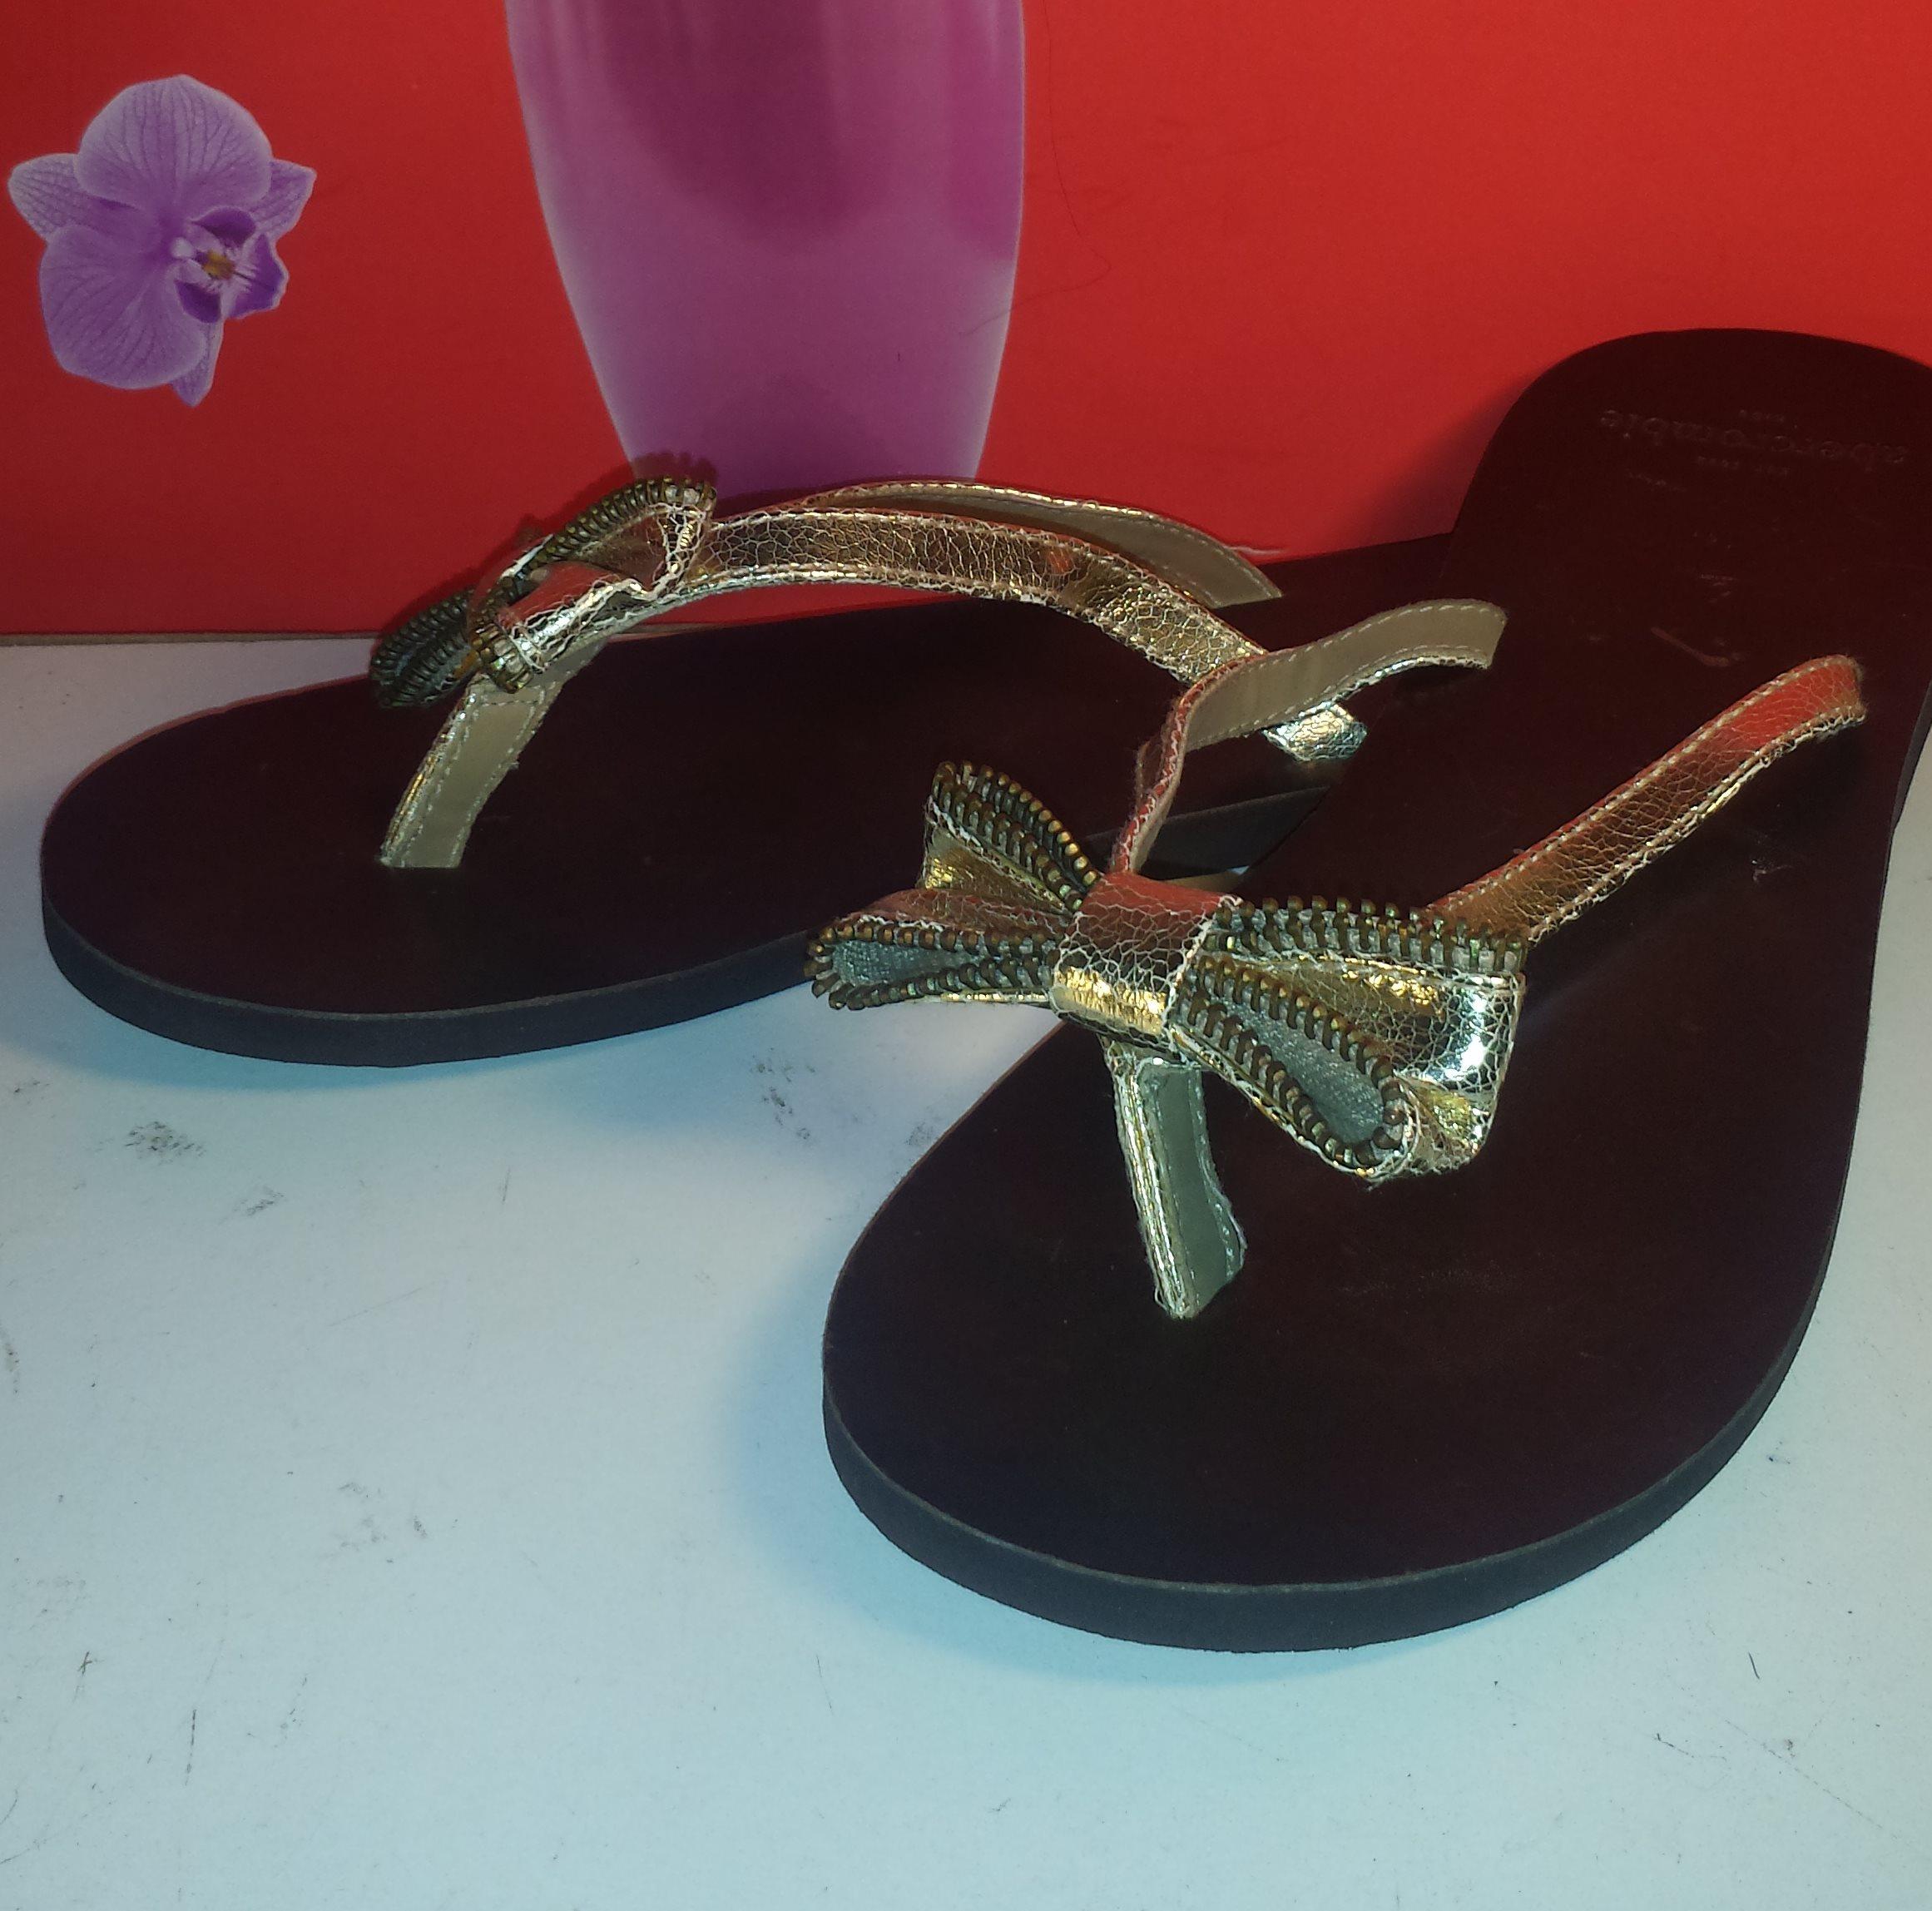 b4f4125de82d8 Abercrombie   Fitch Women s Brown Leather Flip Flops Gold Bow Sandals -  Thumbnail ...